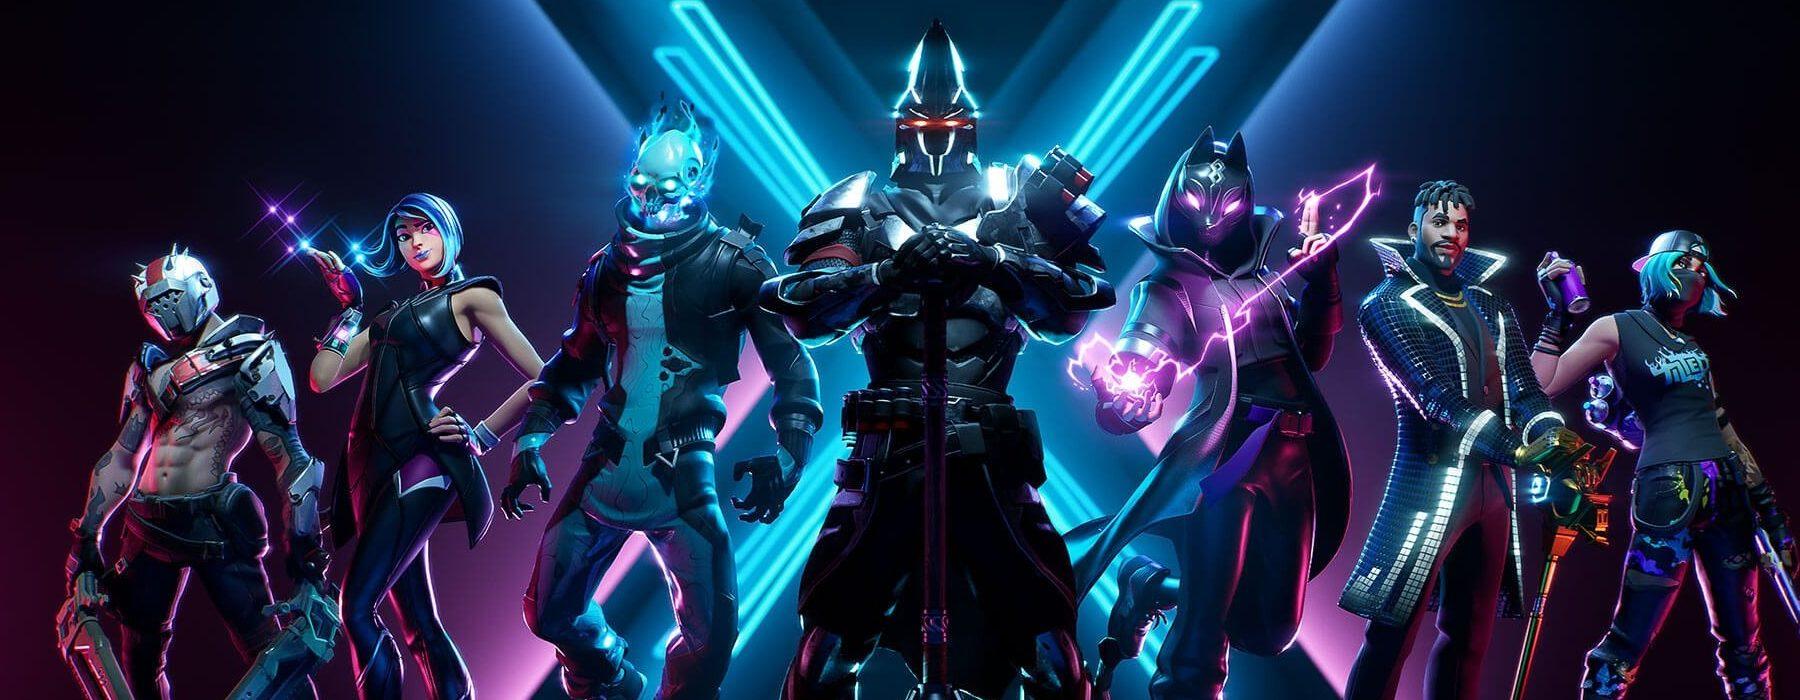 Liferun: el nuevo modo de juego de Fortnite